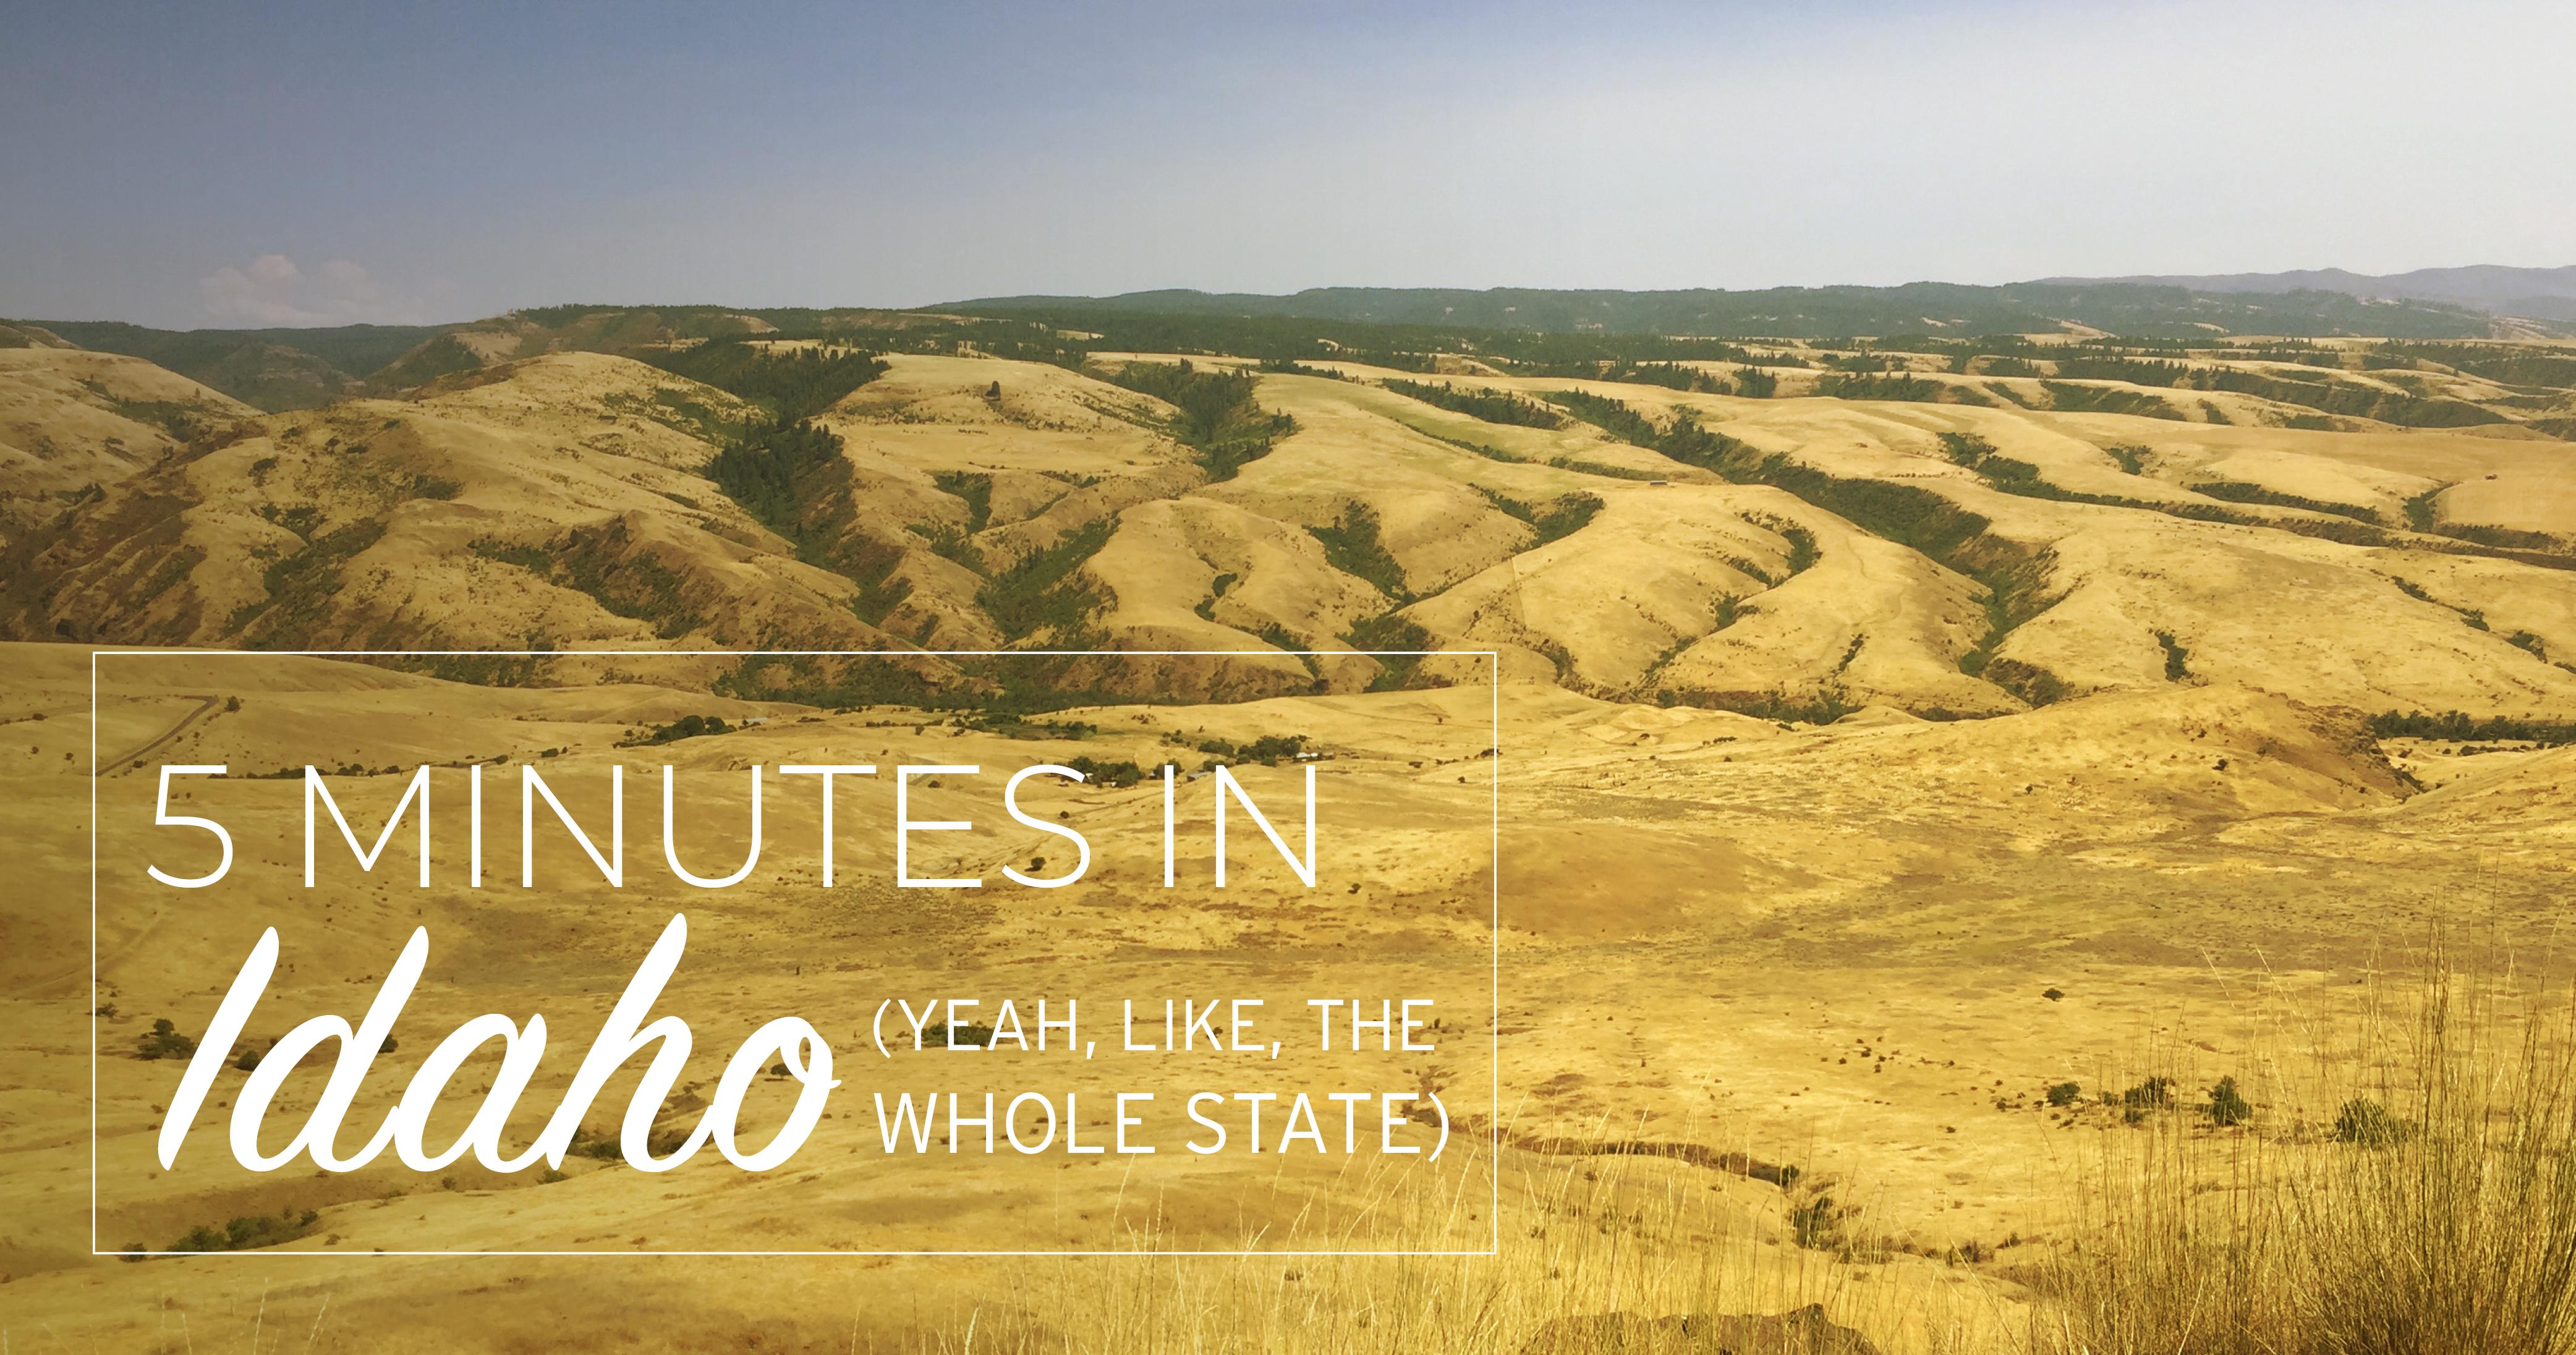 5 Minutes in Idaho